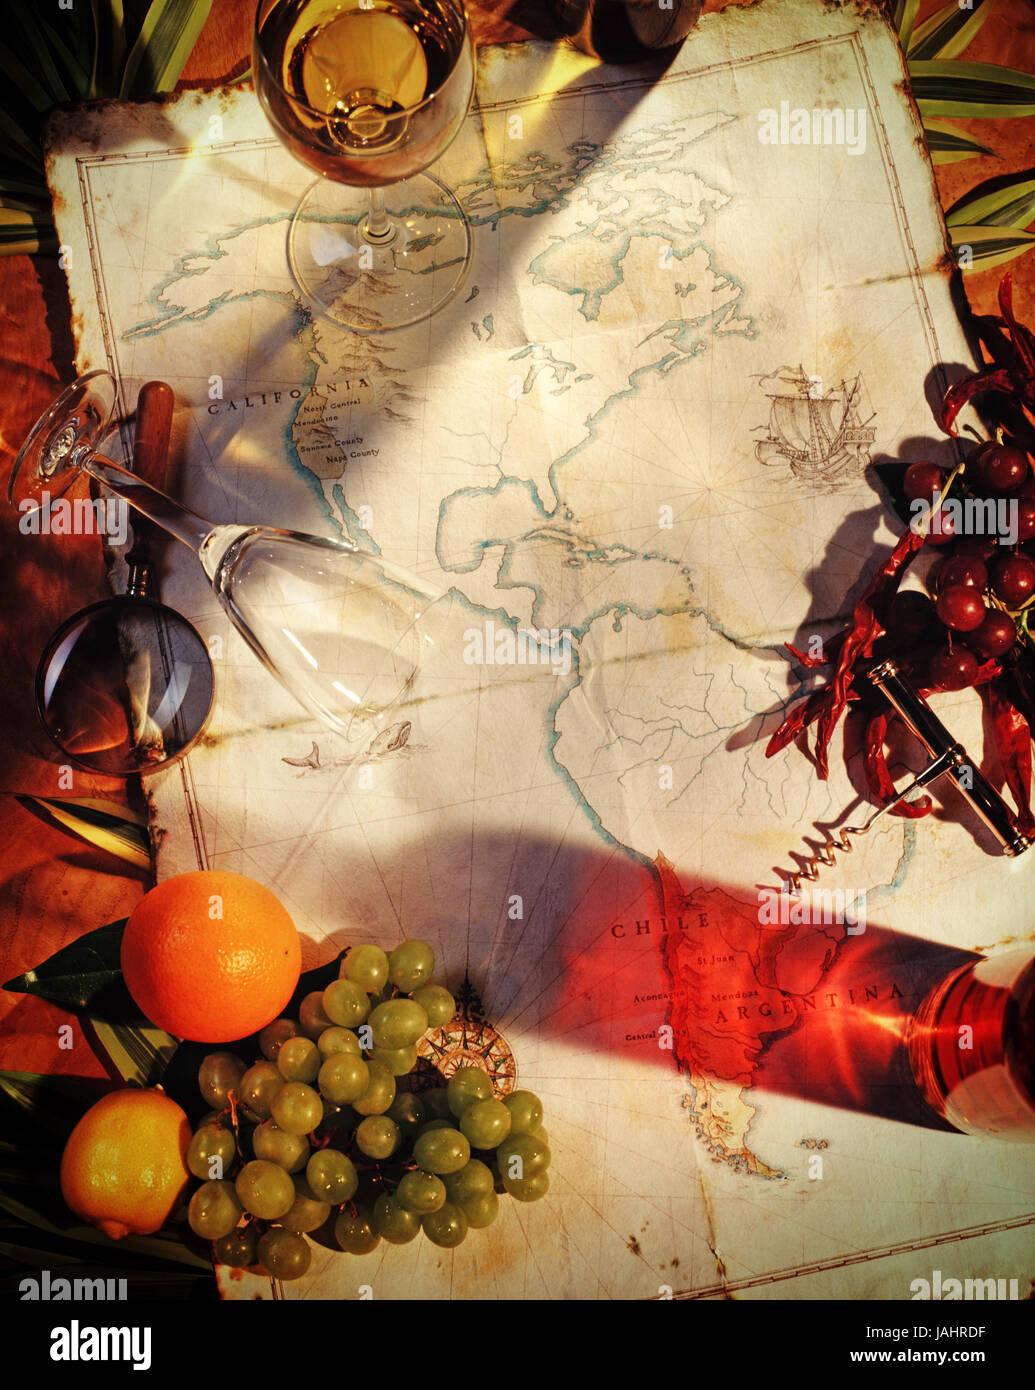 Mappa di America's con le regioni del vino e bicchiere di vino Immagini Stock